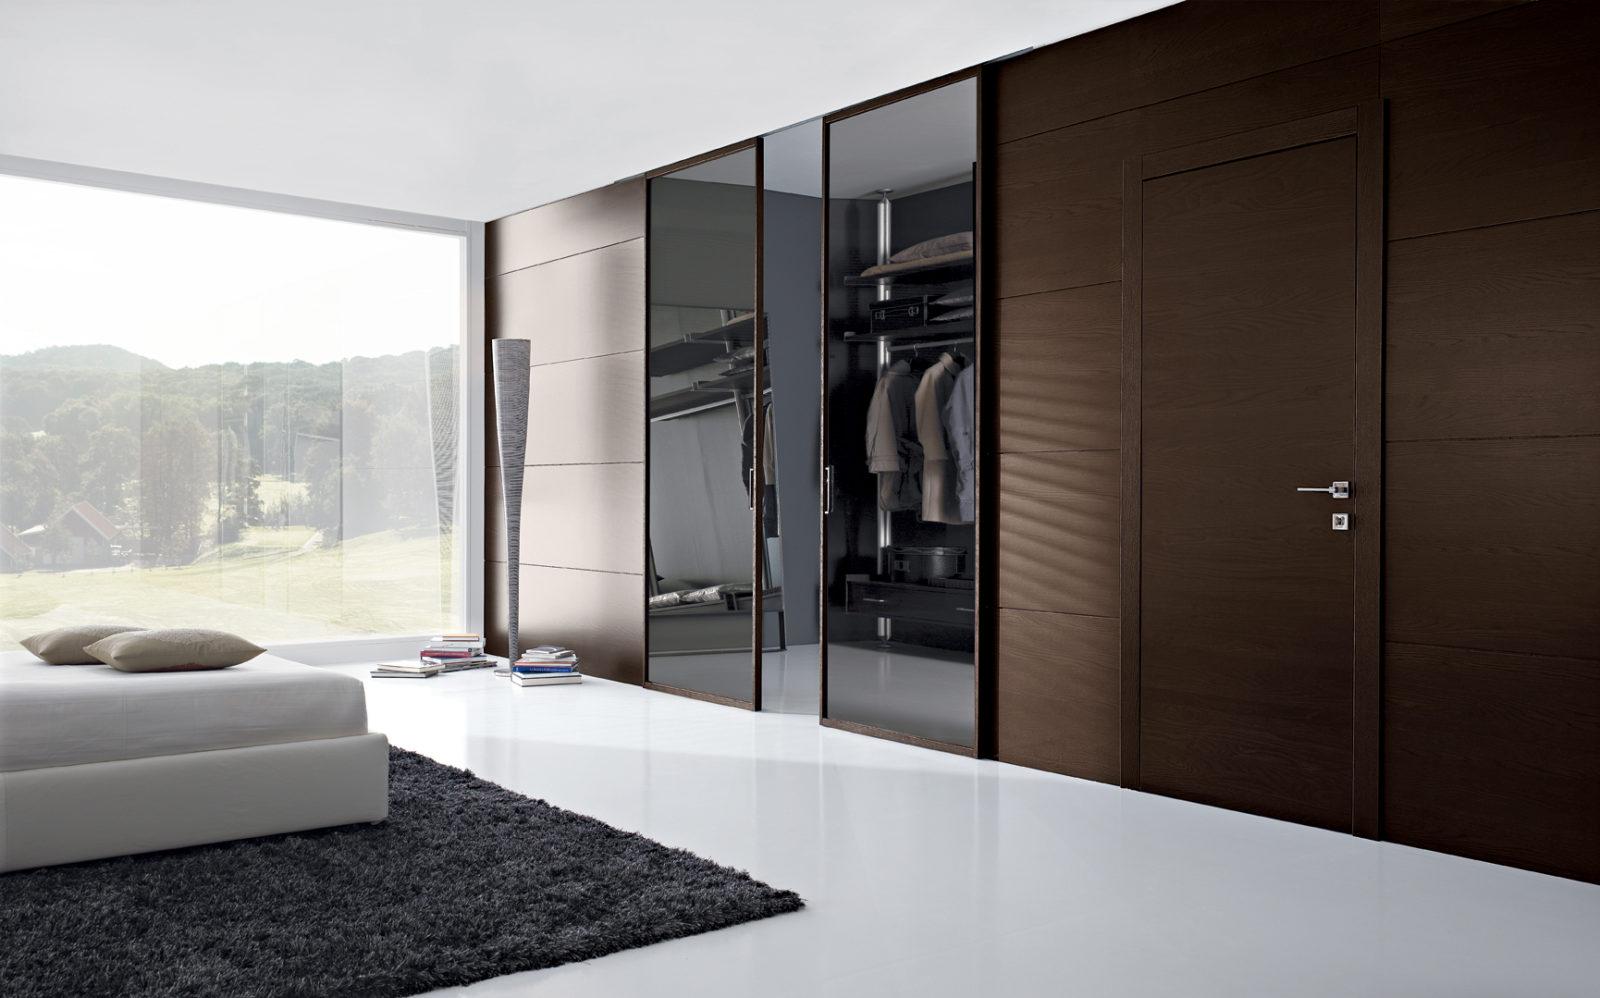 Porte in legno vetro Gdesigner - Garofoli